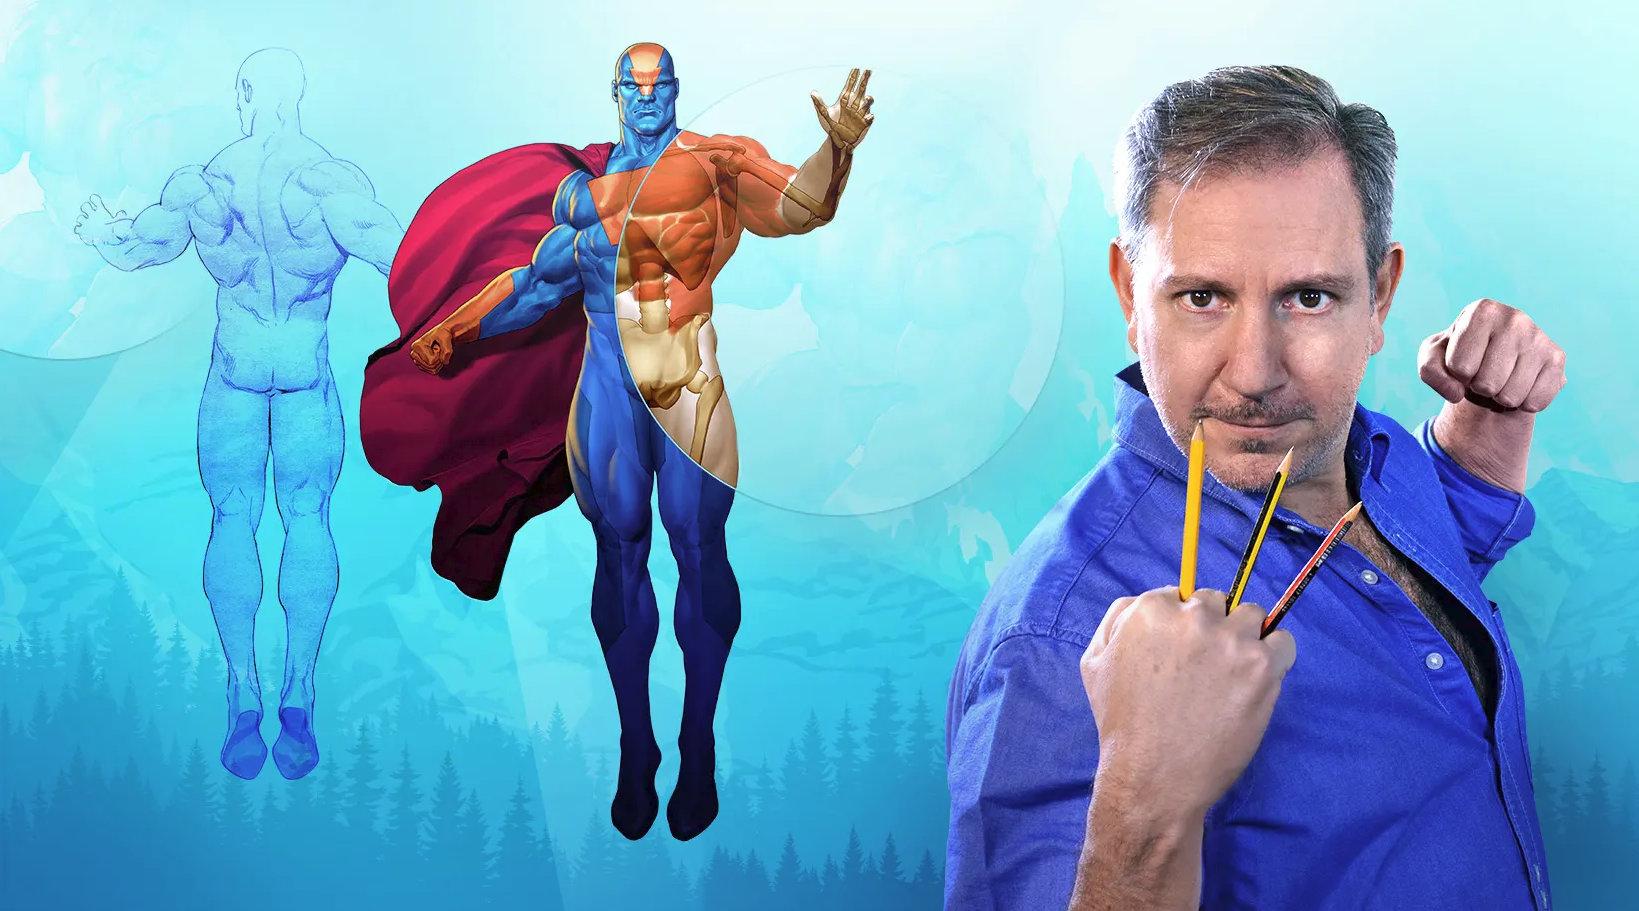 Aprende a dibujar comic anatomia de superheroes pdf